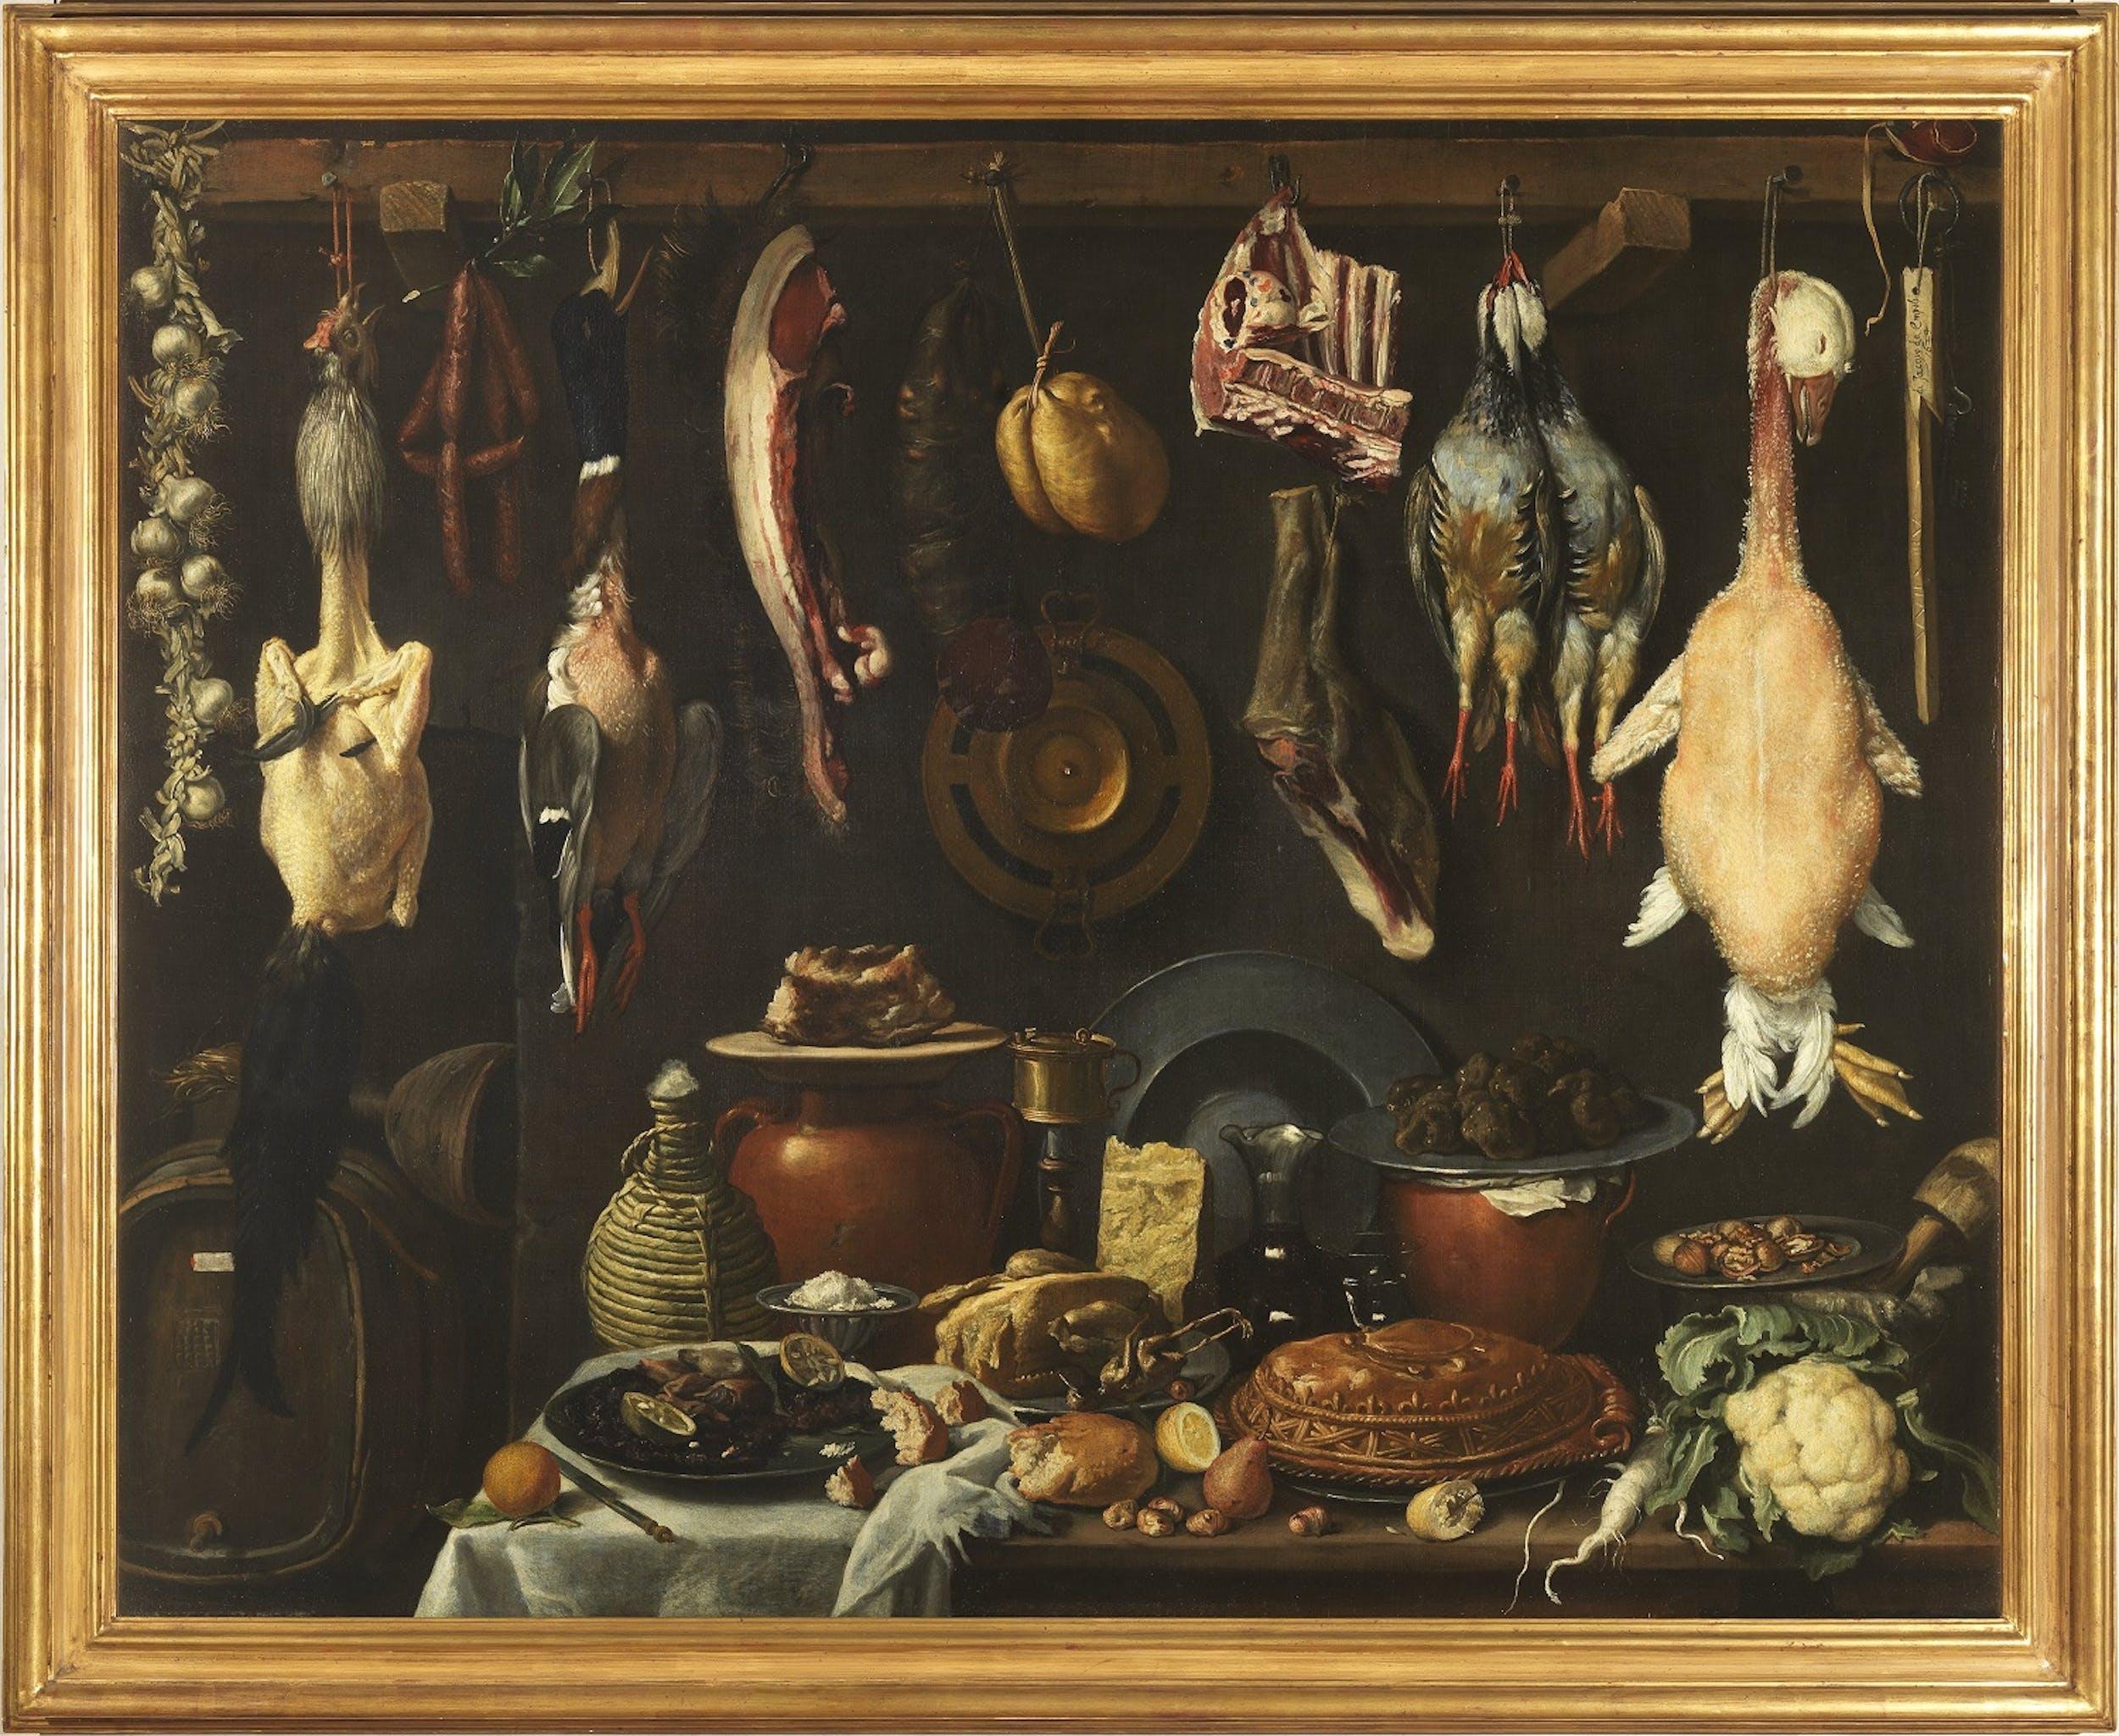 Jacopo Chimenti detto l'Empoli, Dispensa con botte, selvaggina, carni e vasellame